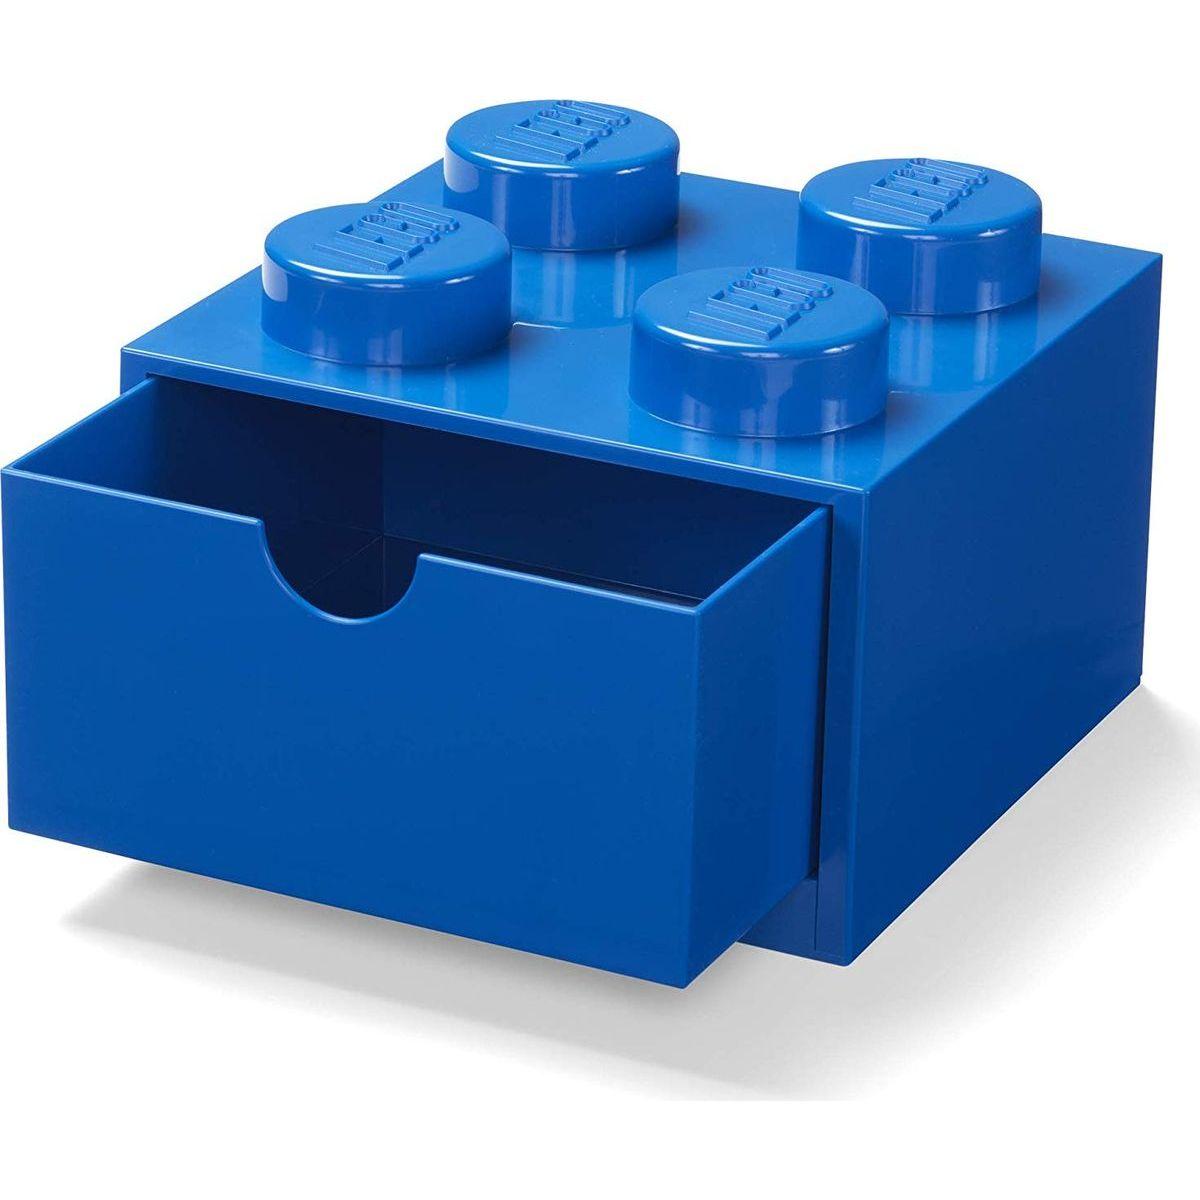 LEGO® úložný box 4 se šuplíky - modrá